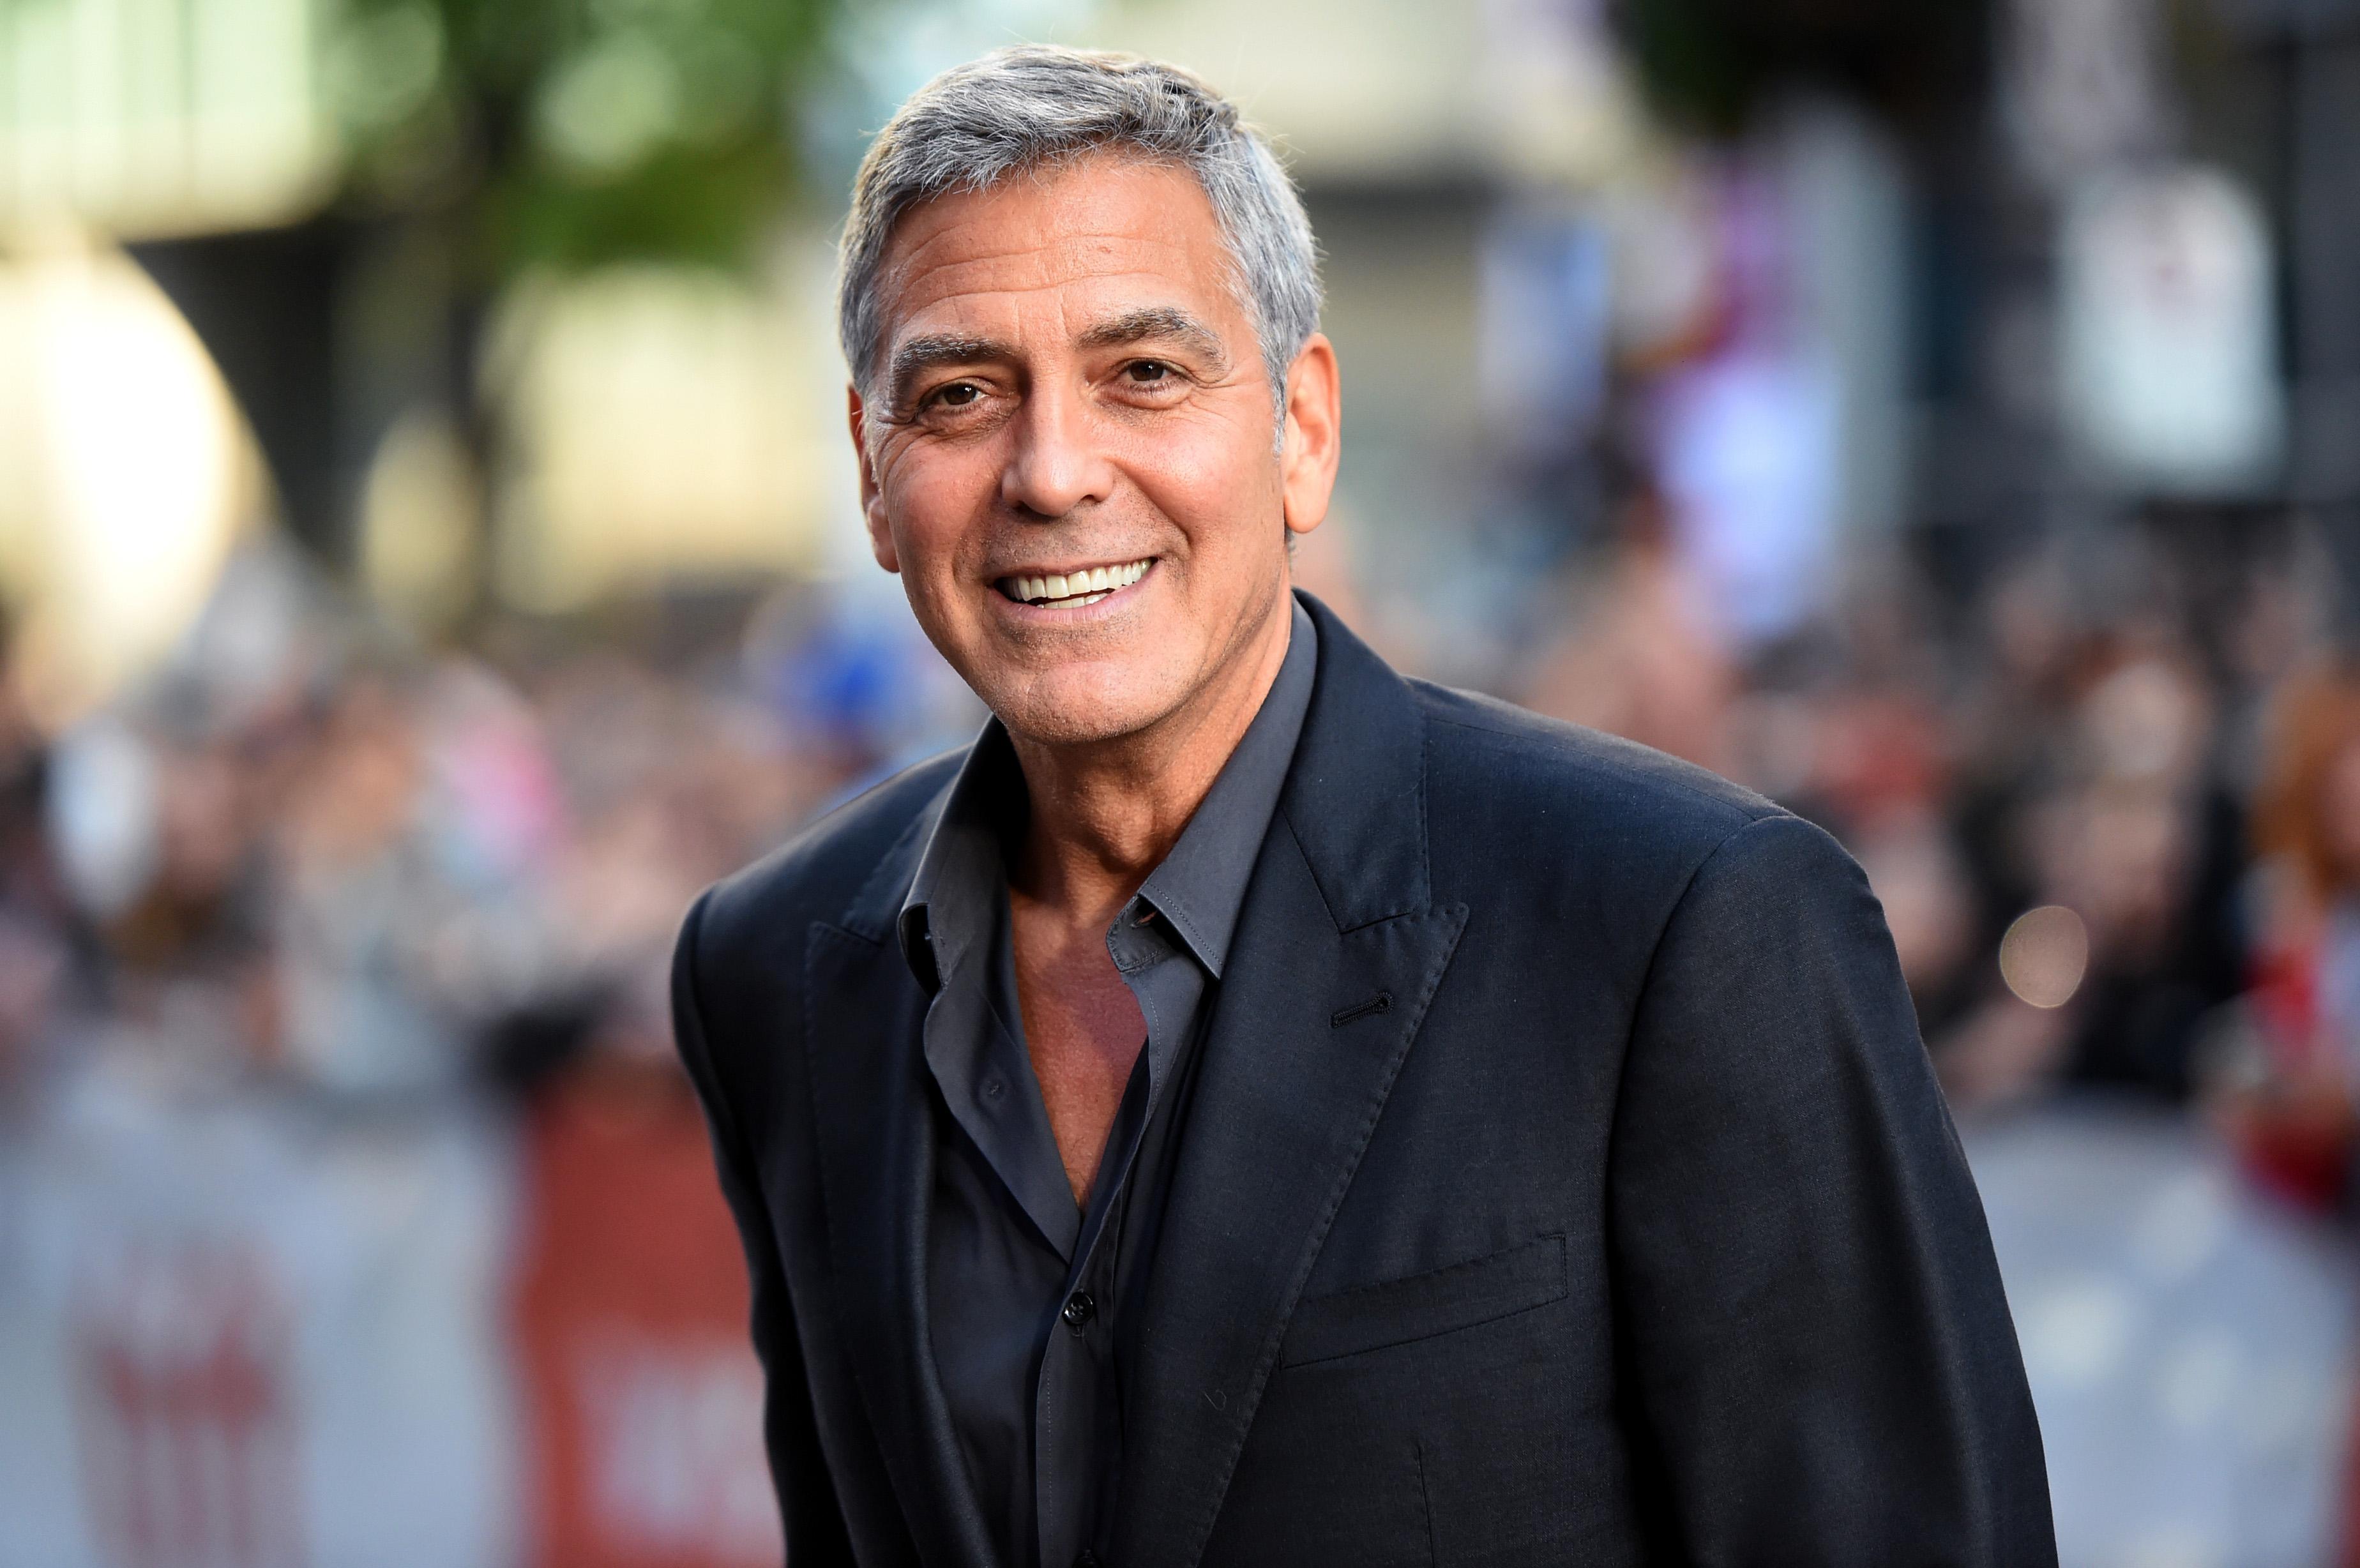 Retour à la télévision pour George Clooney, presque 20 ans après